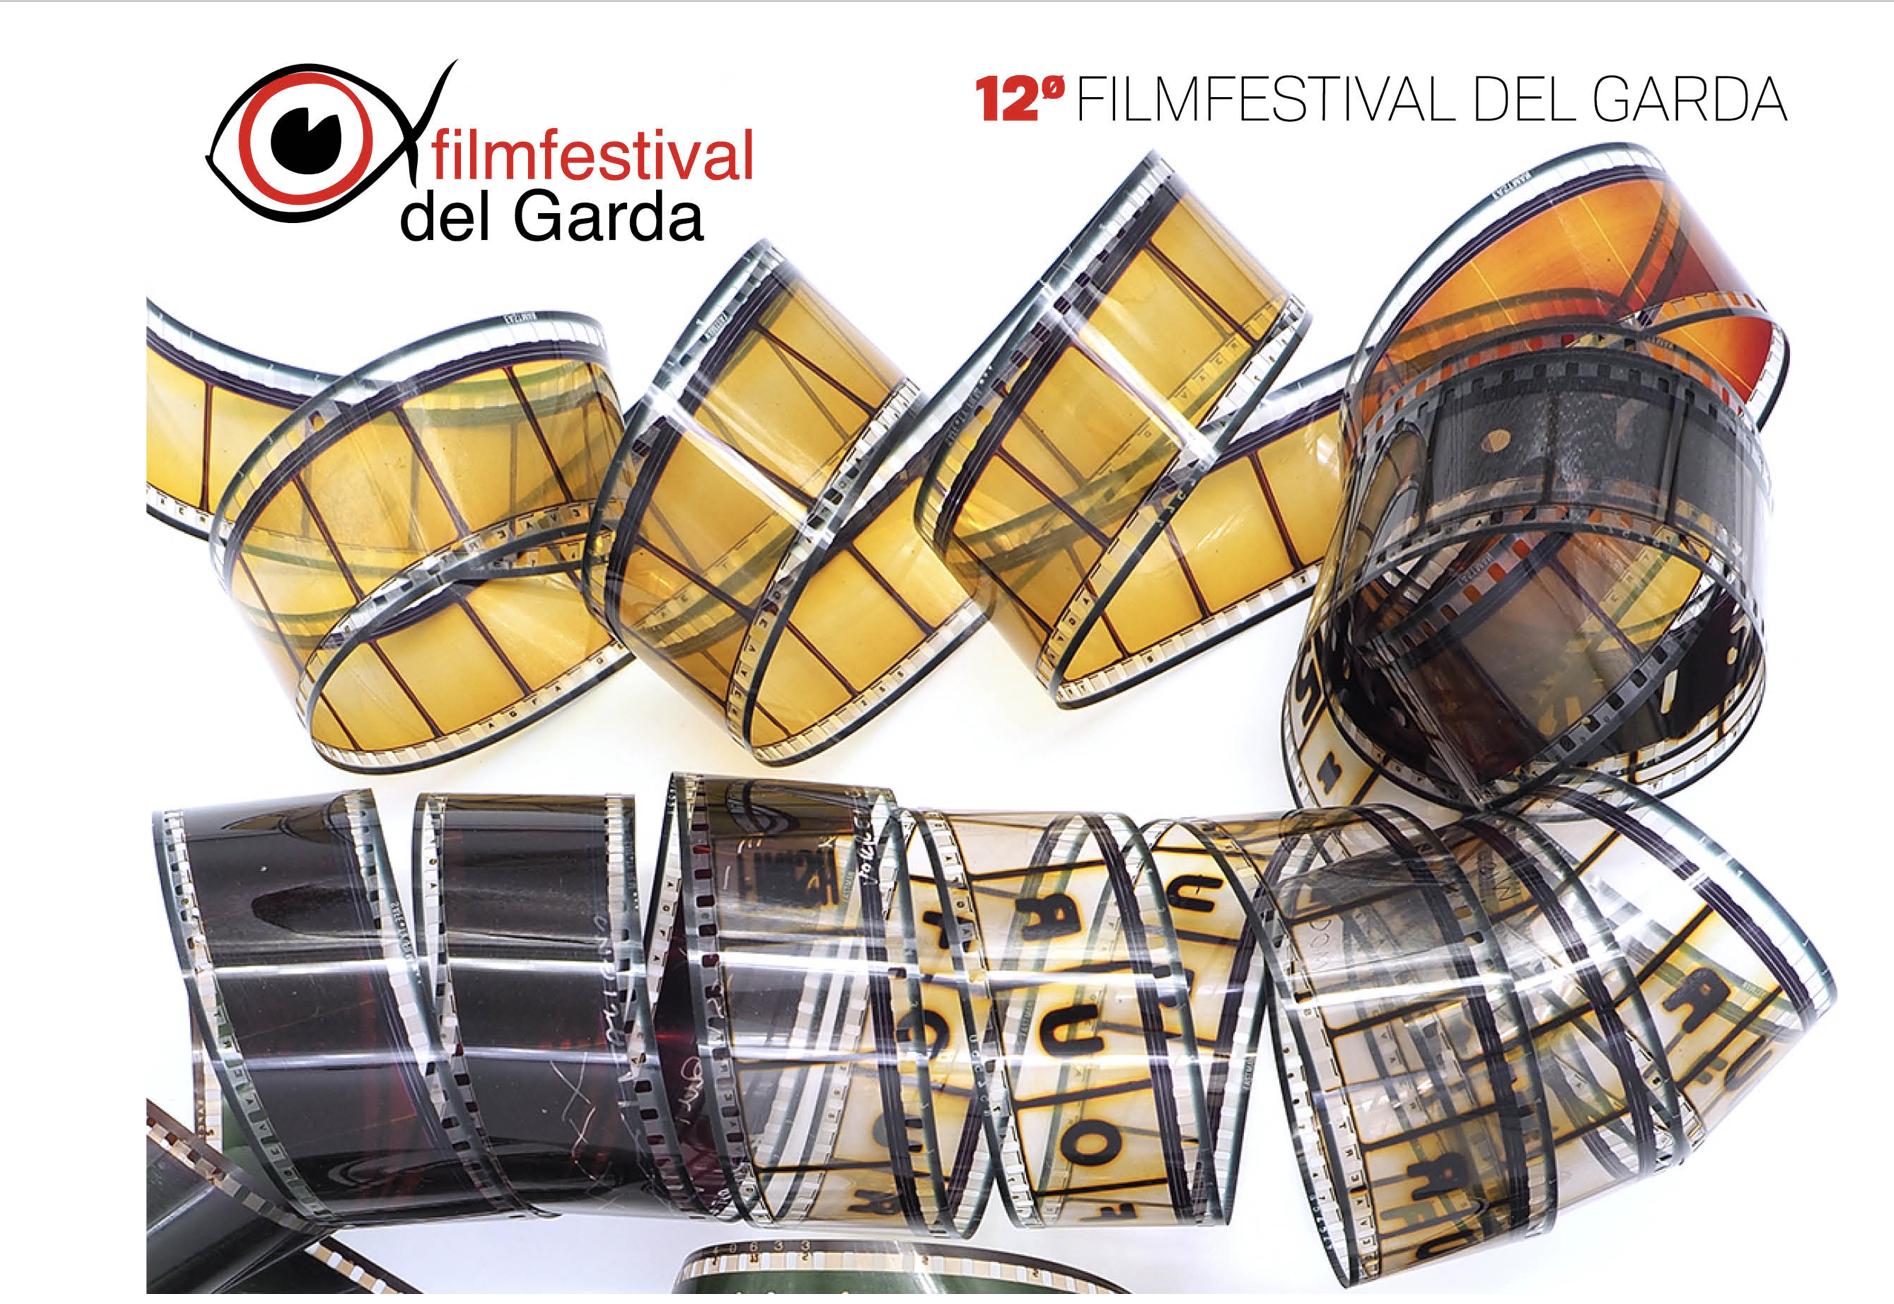 Film festival del Garda